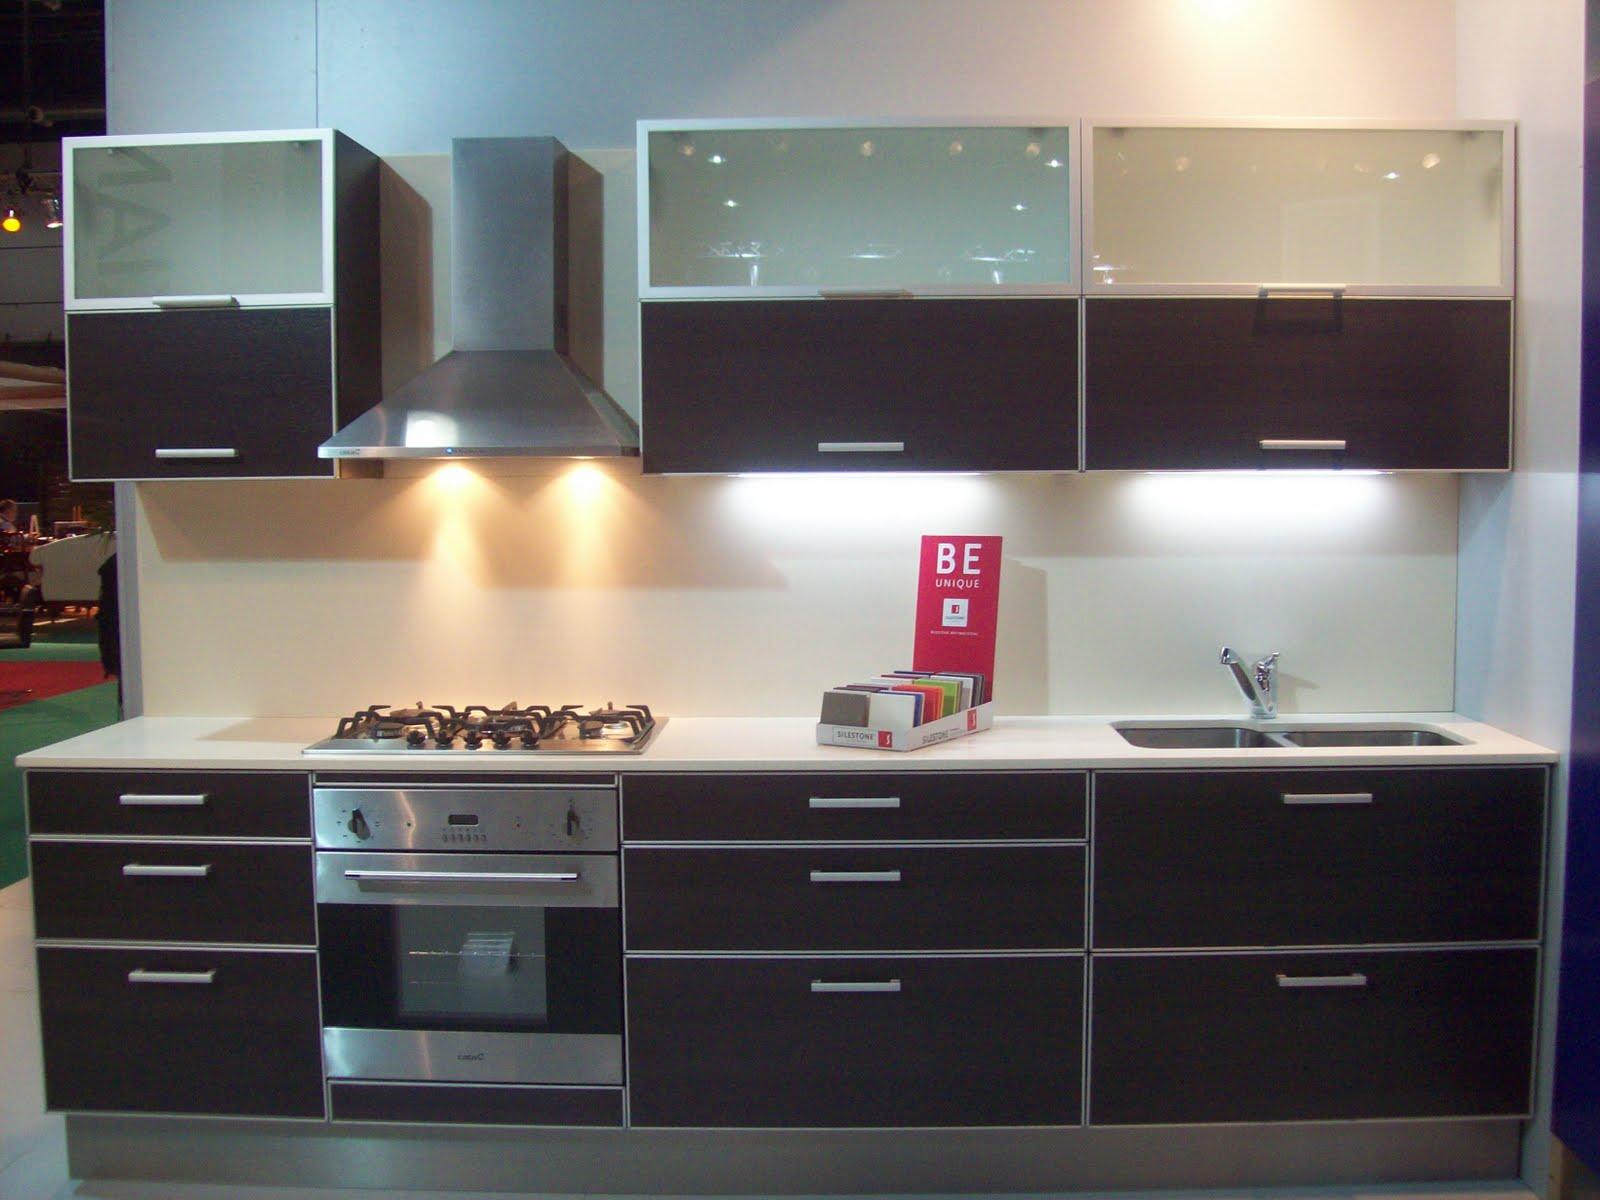 Amoblamiento de cocina muebles a medida mya1047 - Amoblamientos de cocina ...